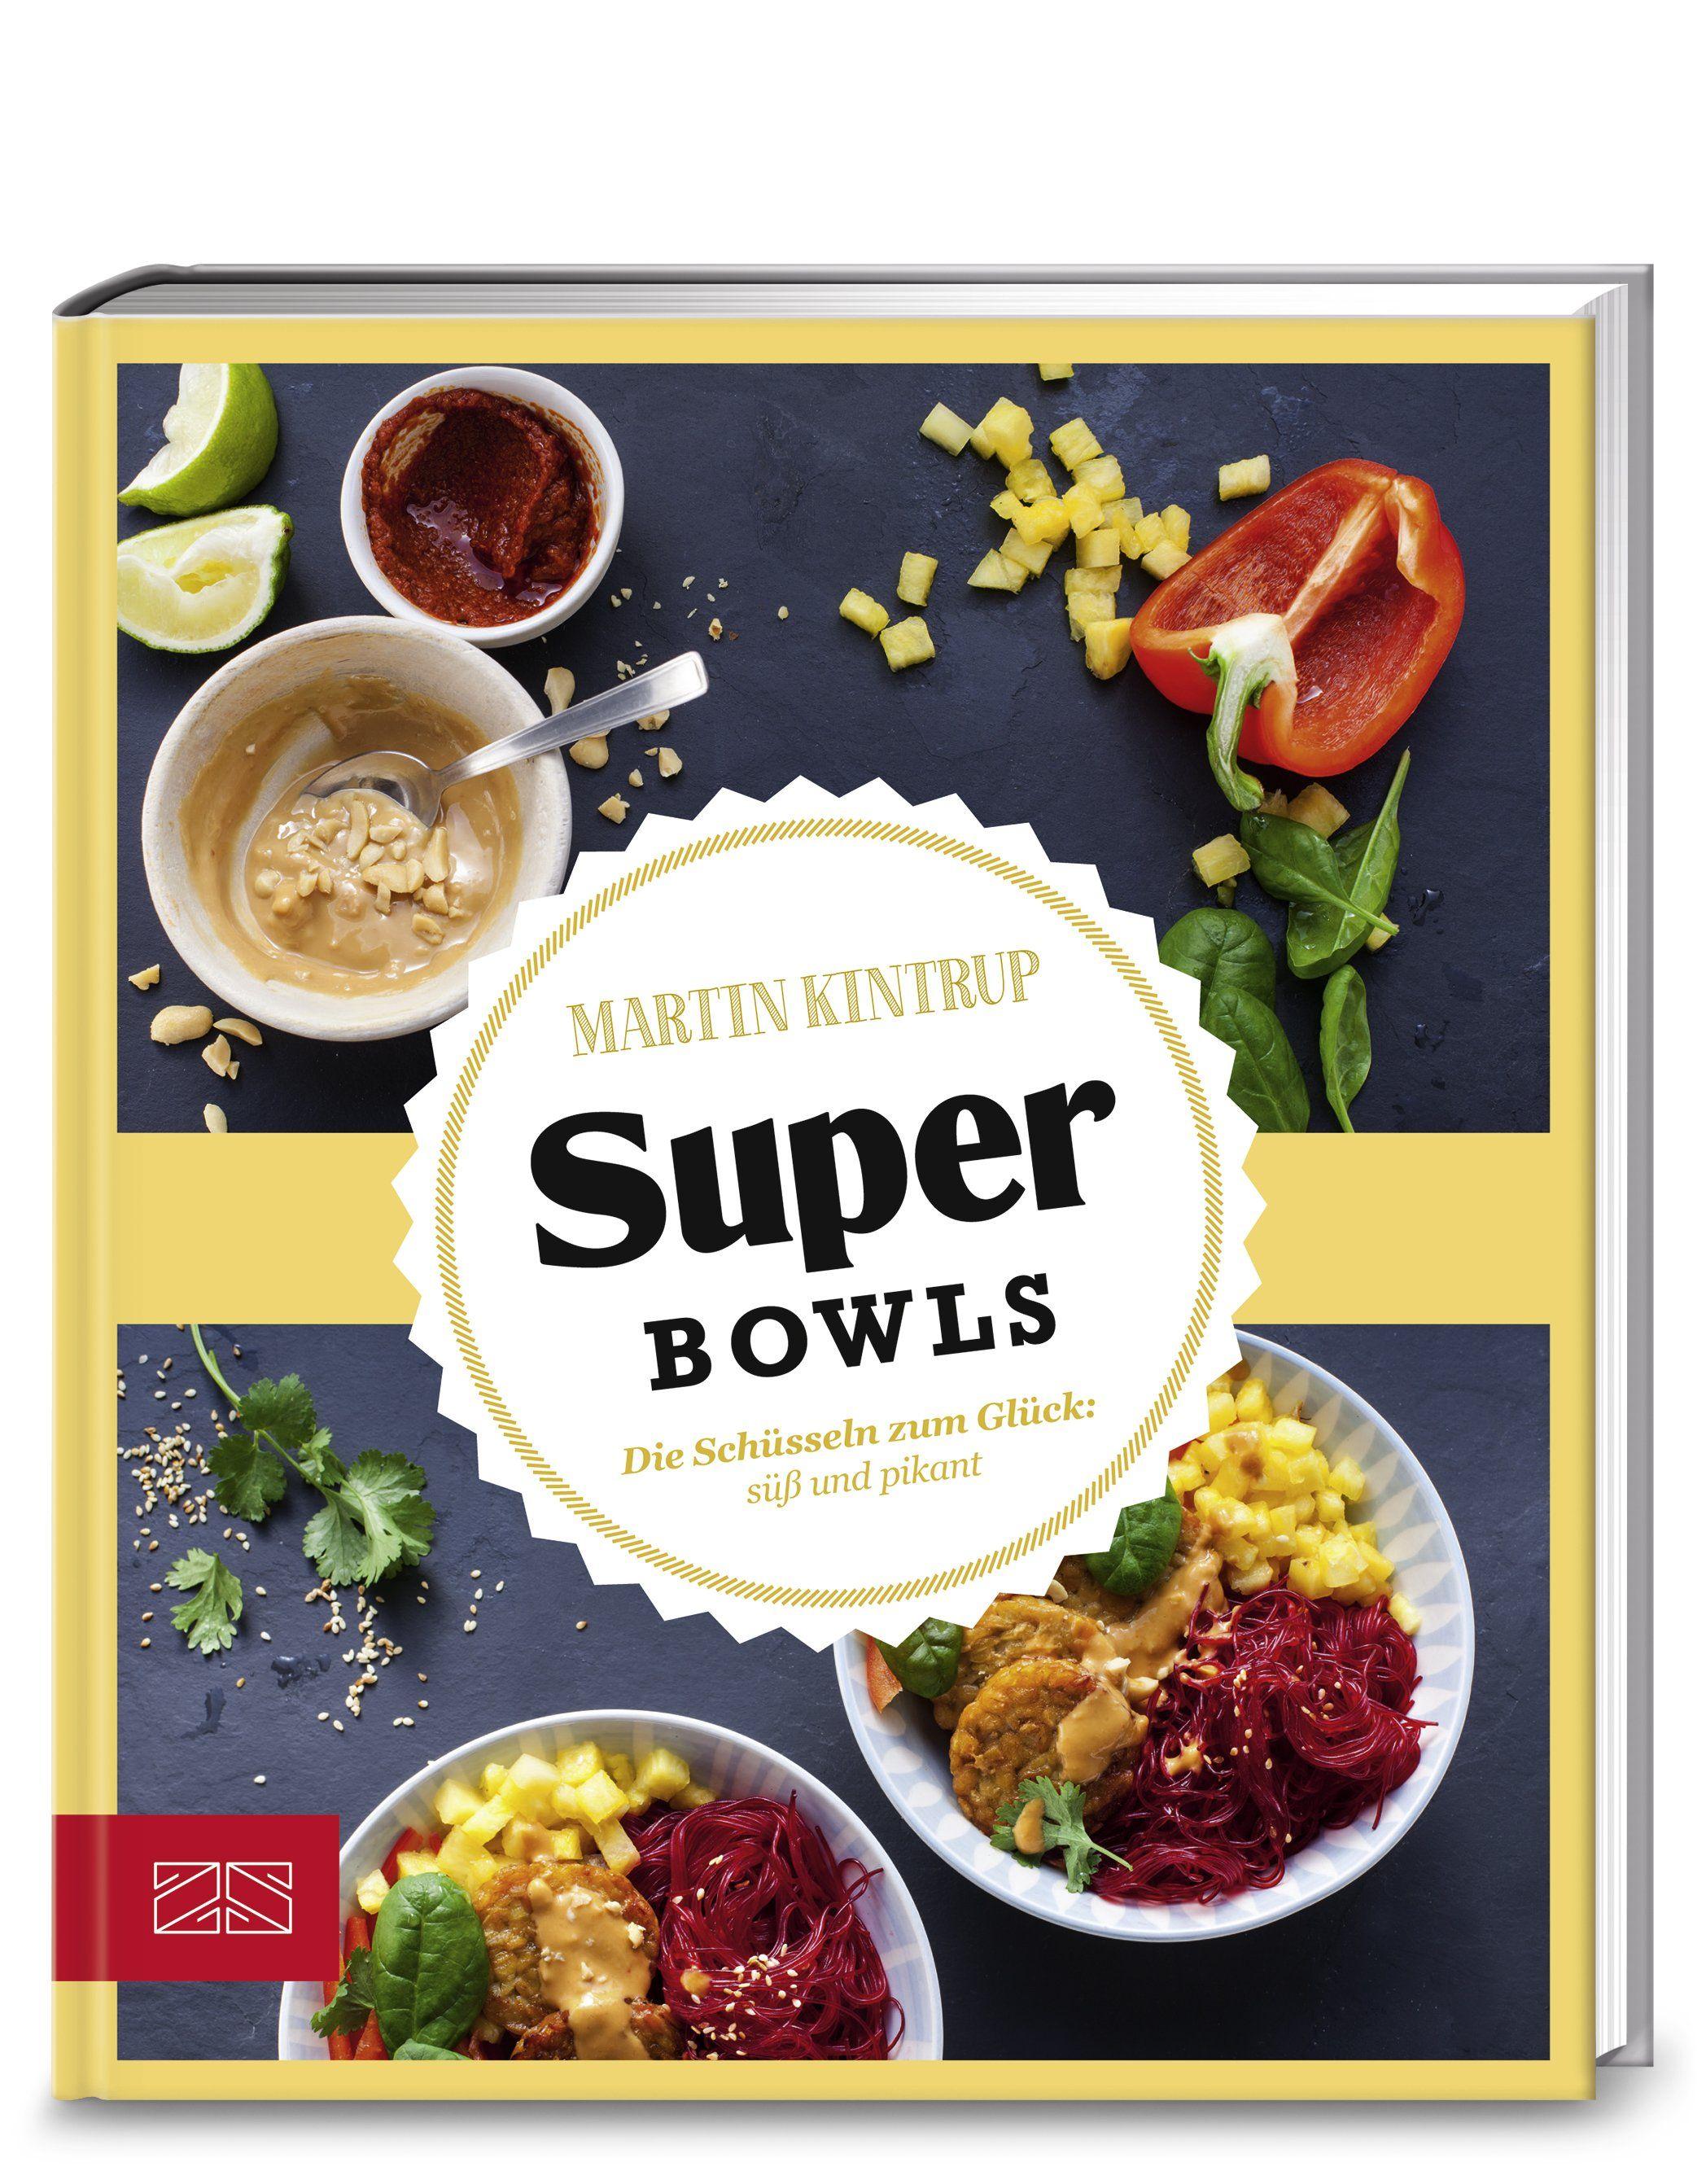 Just Delicious U2013 Super Bowls Von Kintrup, Martin